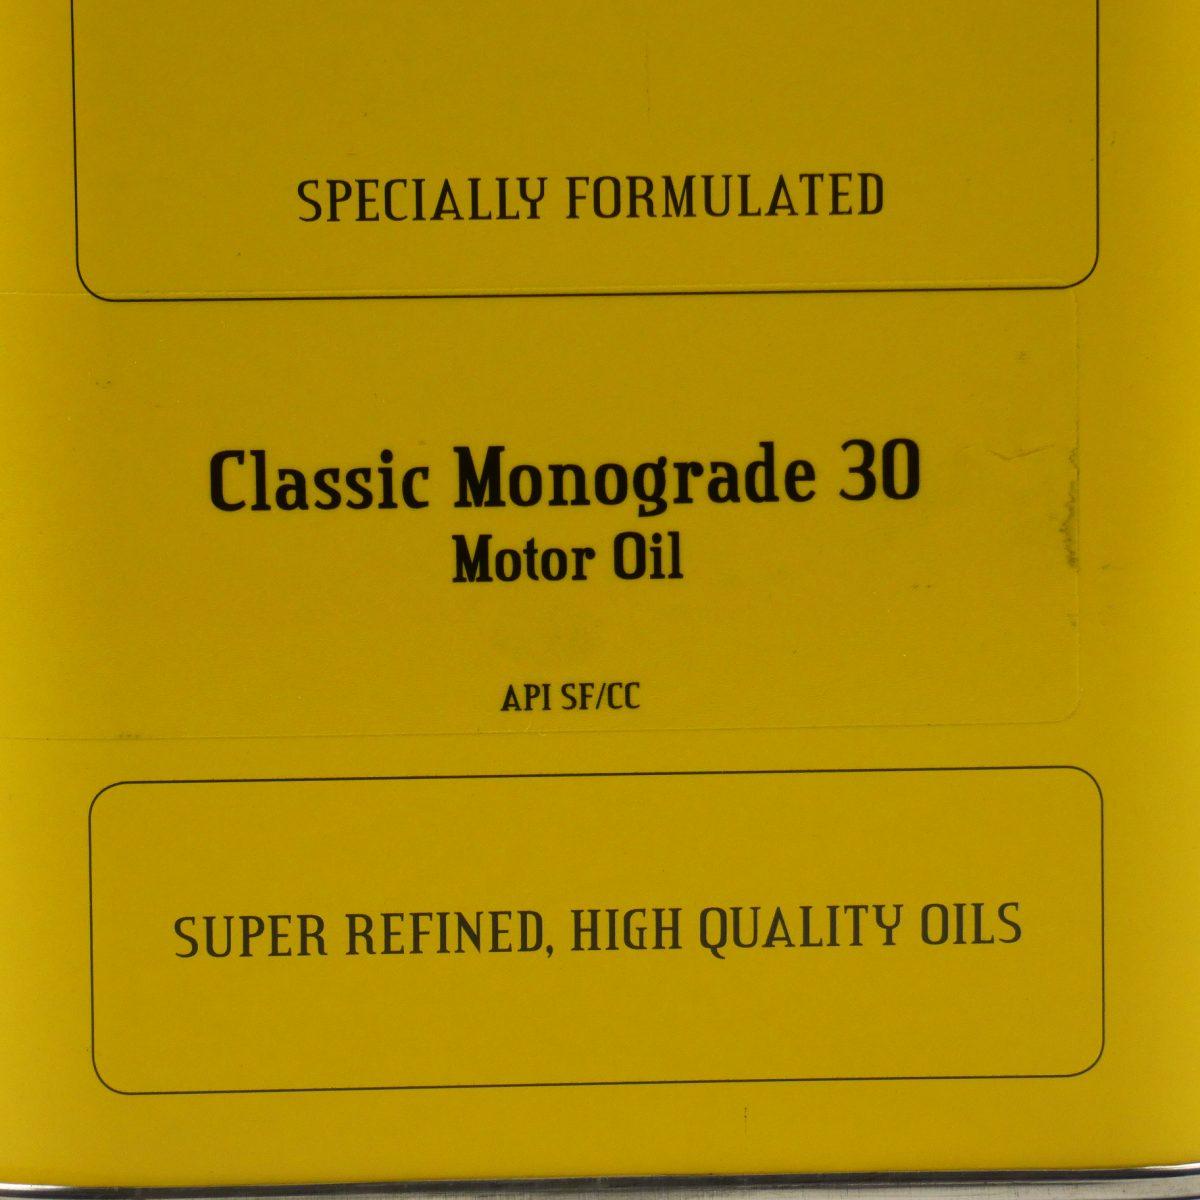 olie voor oldtimer bij dosgros in drachten en oosterwolde